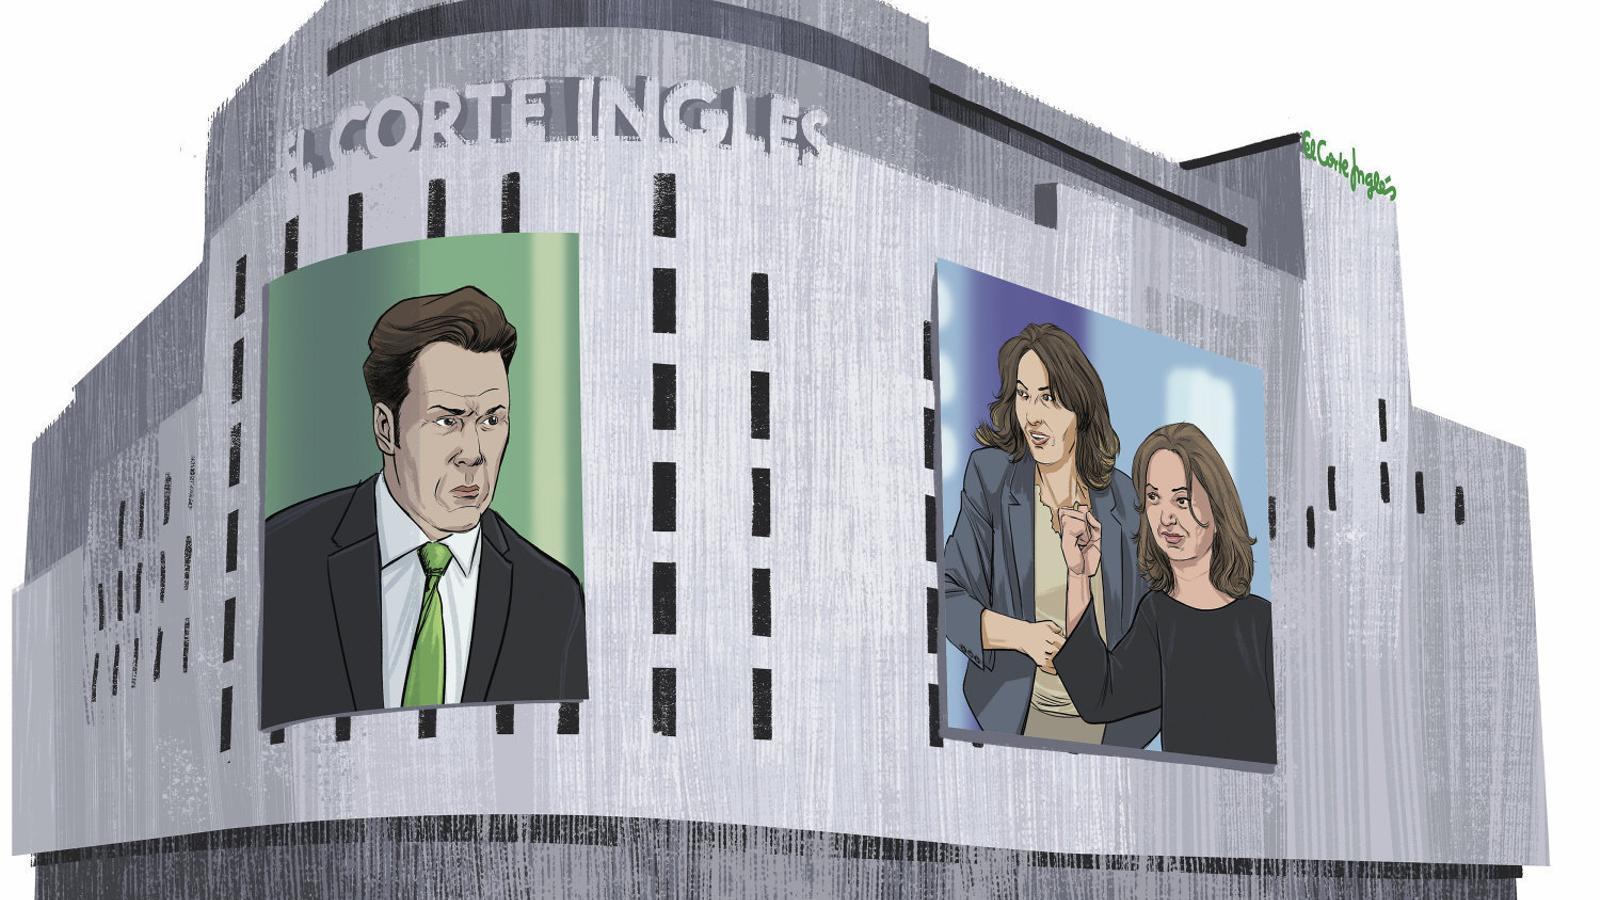 REPORTATGE: La pitjor primavera a El Corte Inglés